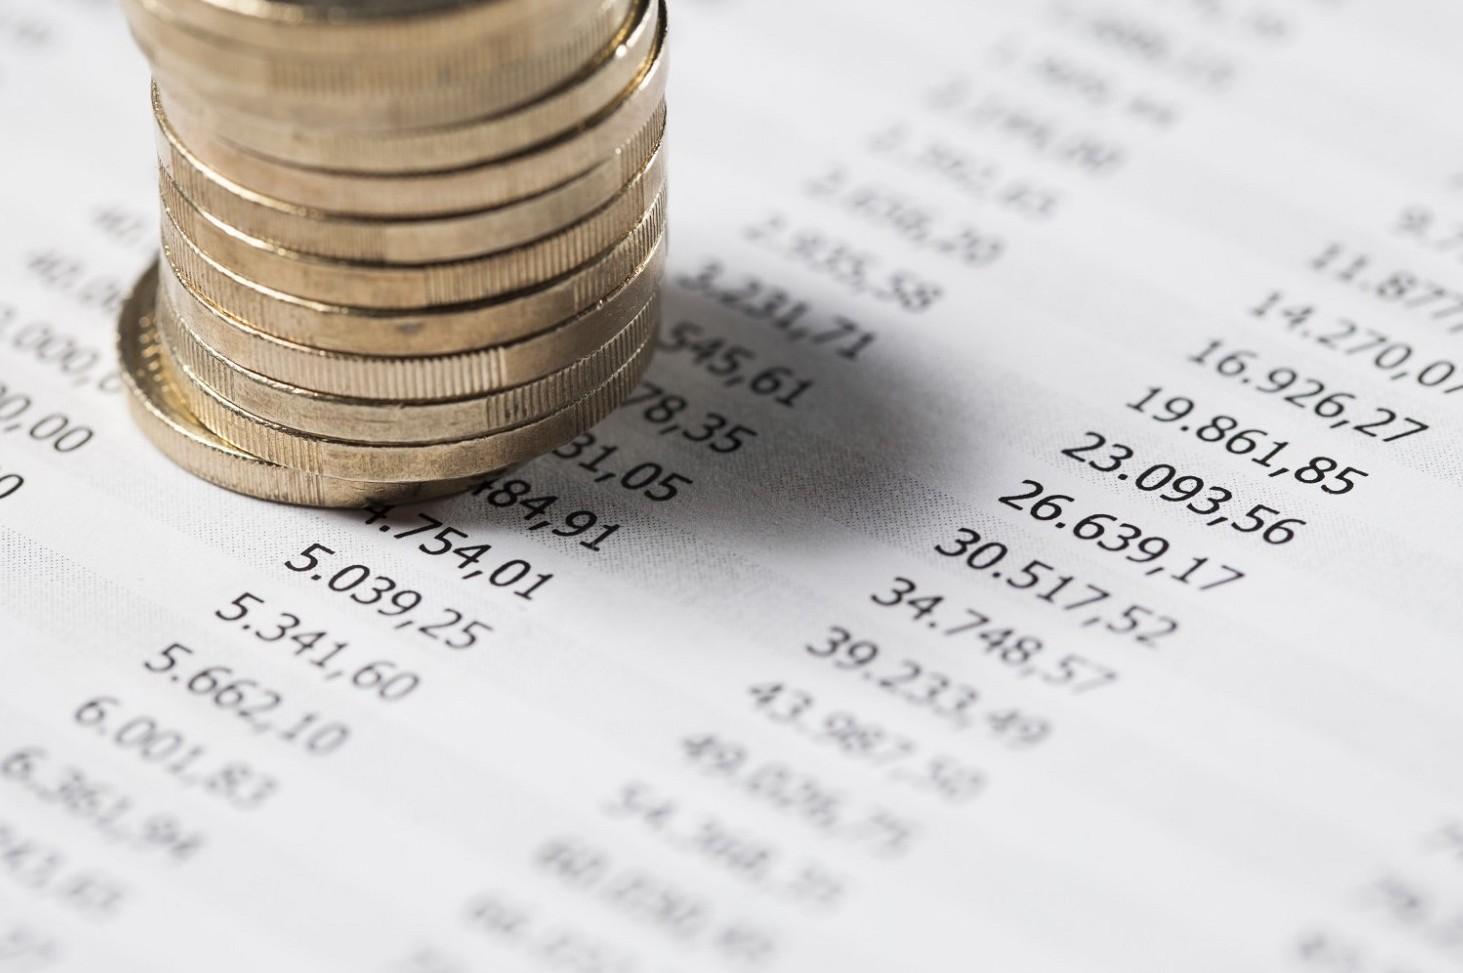 Pensioni di reversibilità 2019 nuove reg